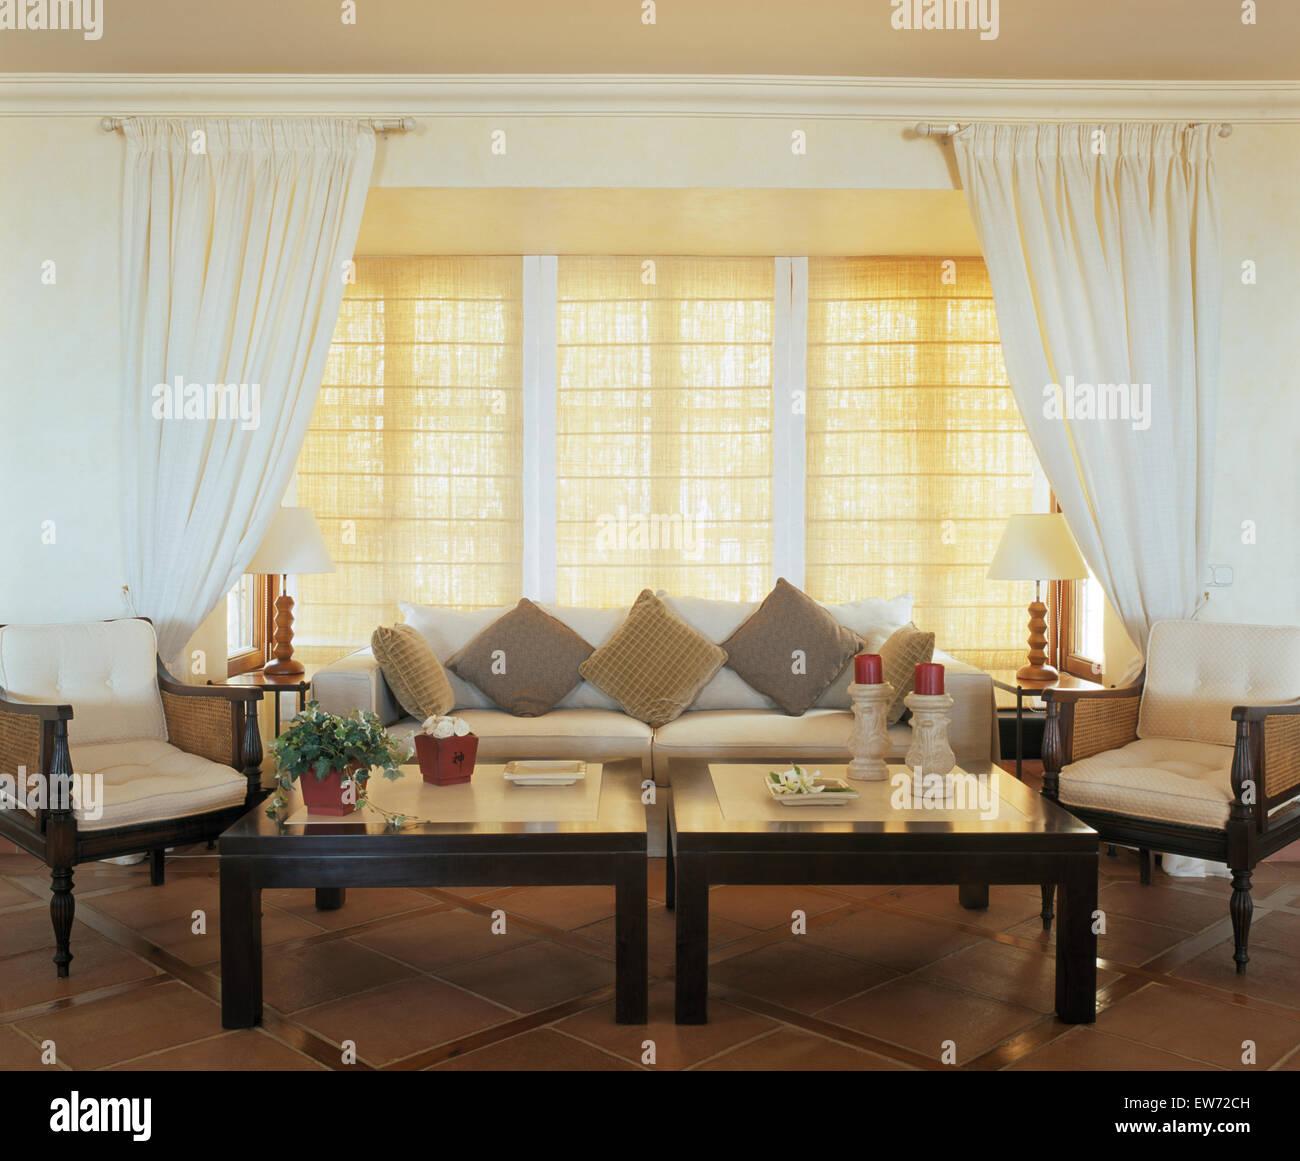 weie vorhnge wohnzimmer awesome gardinen spitze with weie vorhnge wohnzimmer finest diese gibt. Black Bedroom Furniture Sets. Home Design Ideas